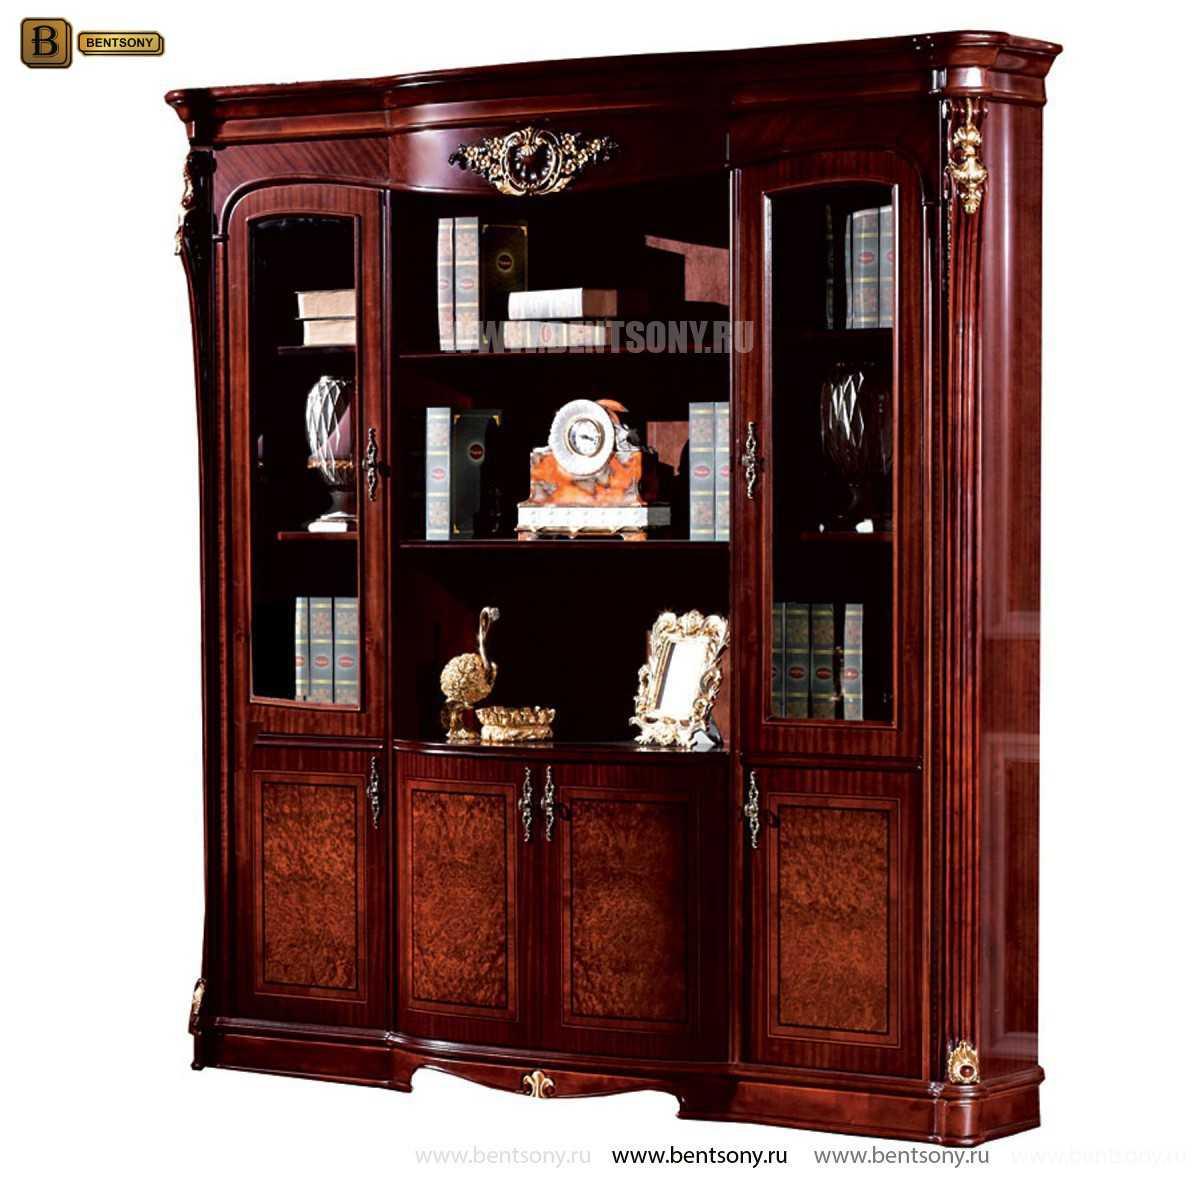 Кабинет Вагнер классический (Массив дерева) для дома